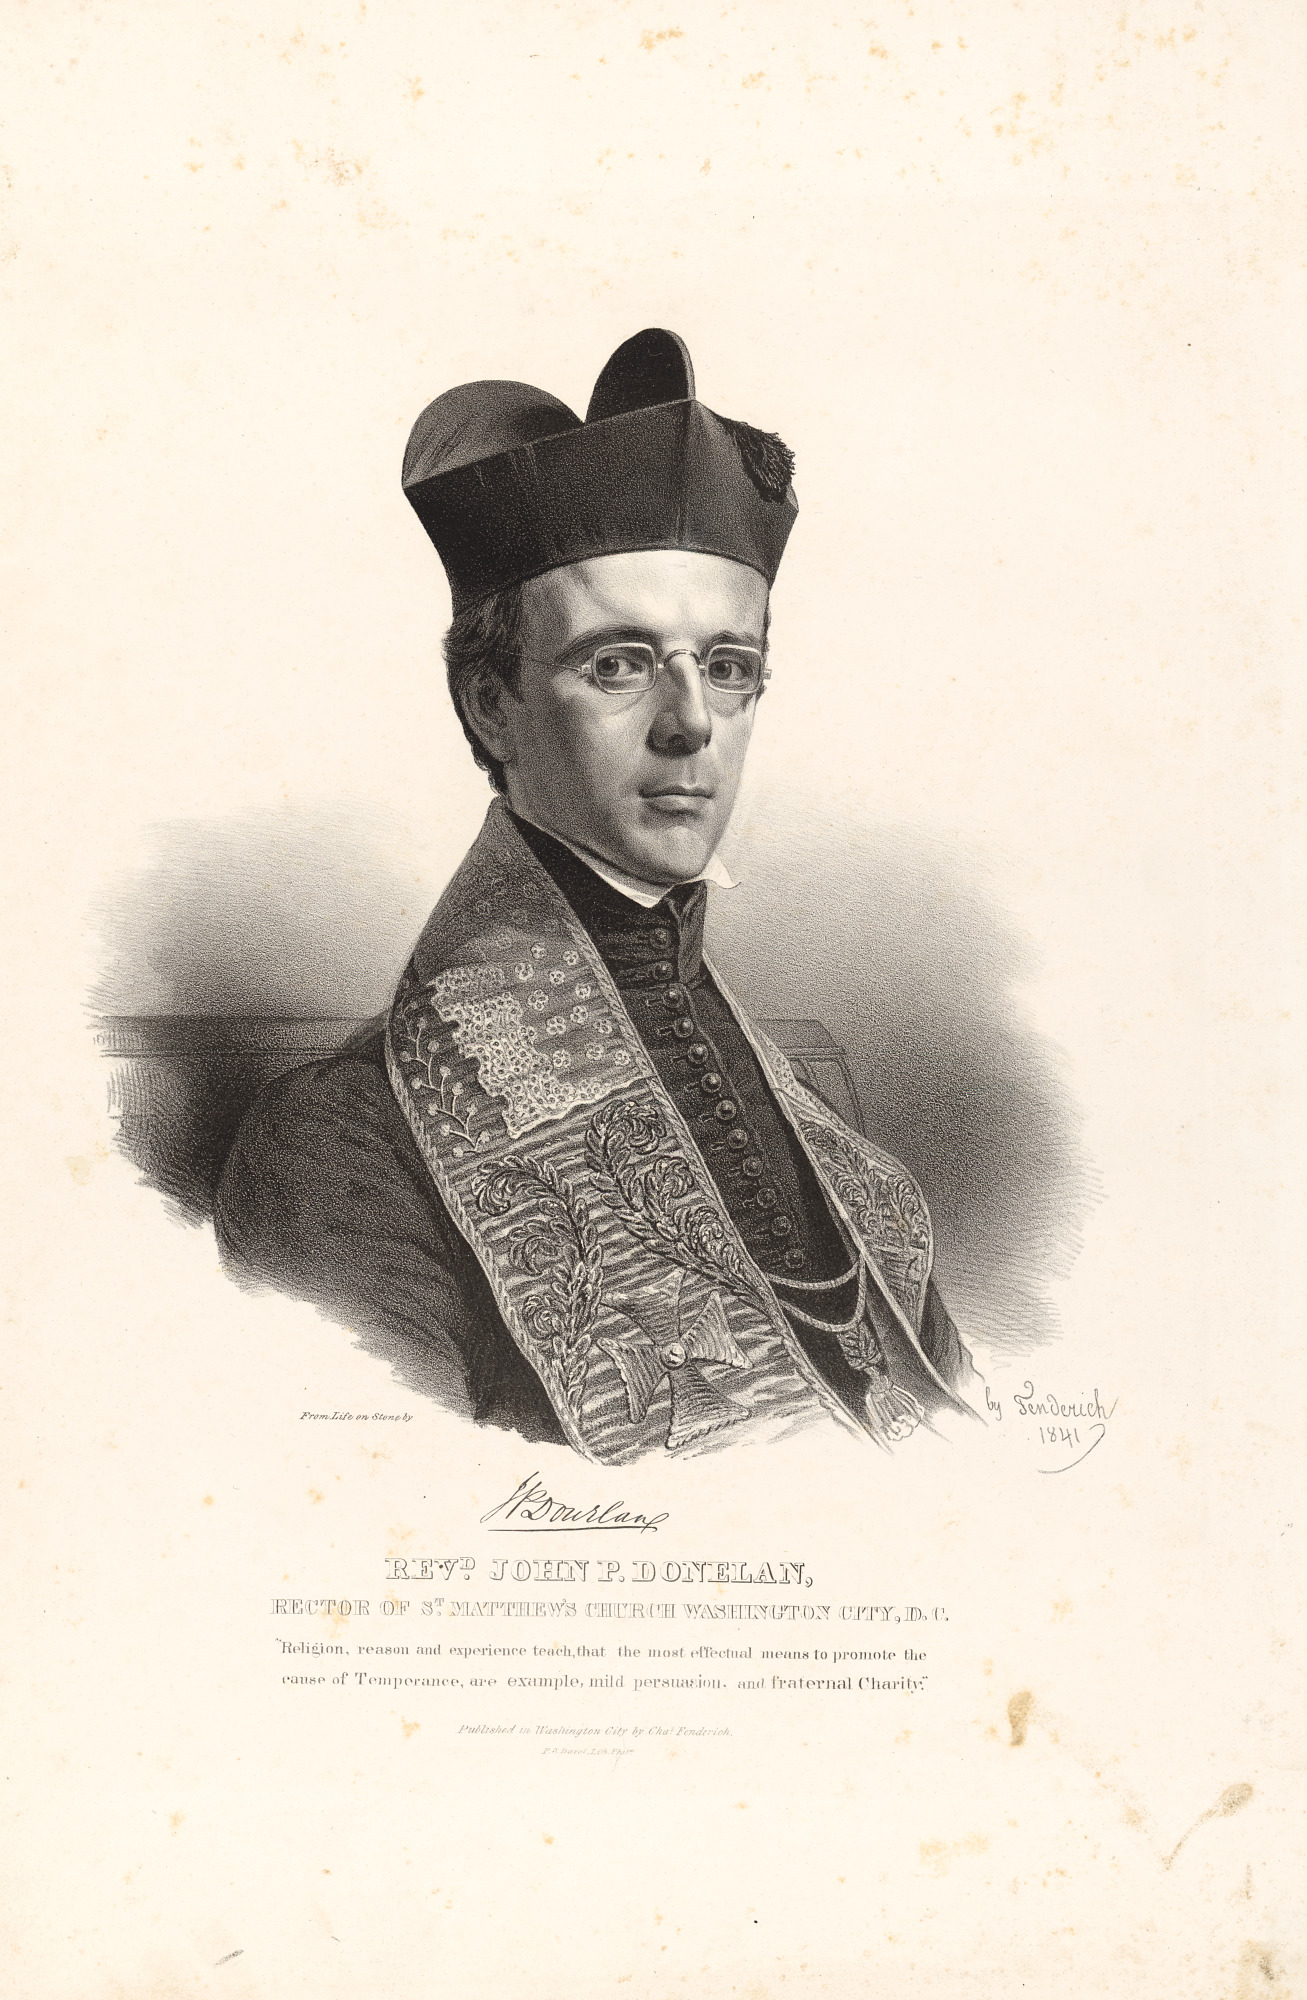 John Philip Donelan